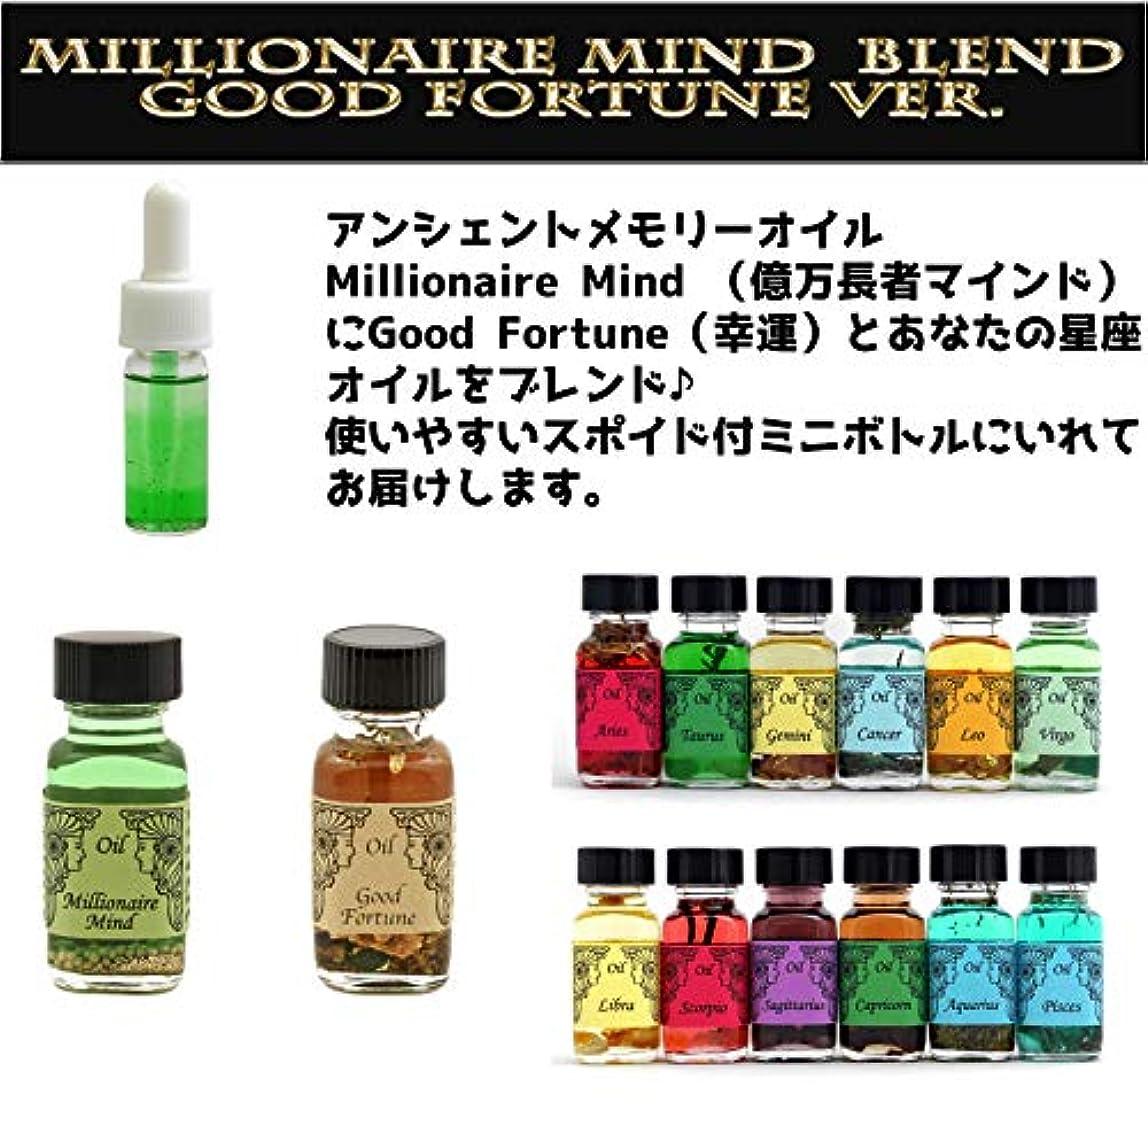 第二レトルトチートアンシェントメモリーオイル Millionaire Mind 億万長者マインド ブレンド【Good Fortune グッドフォーチュン 幸運&さそり座】